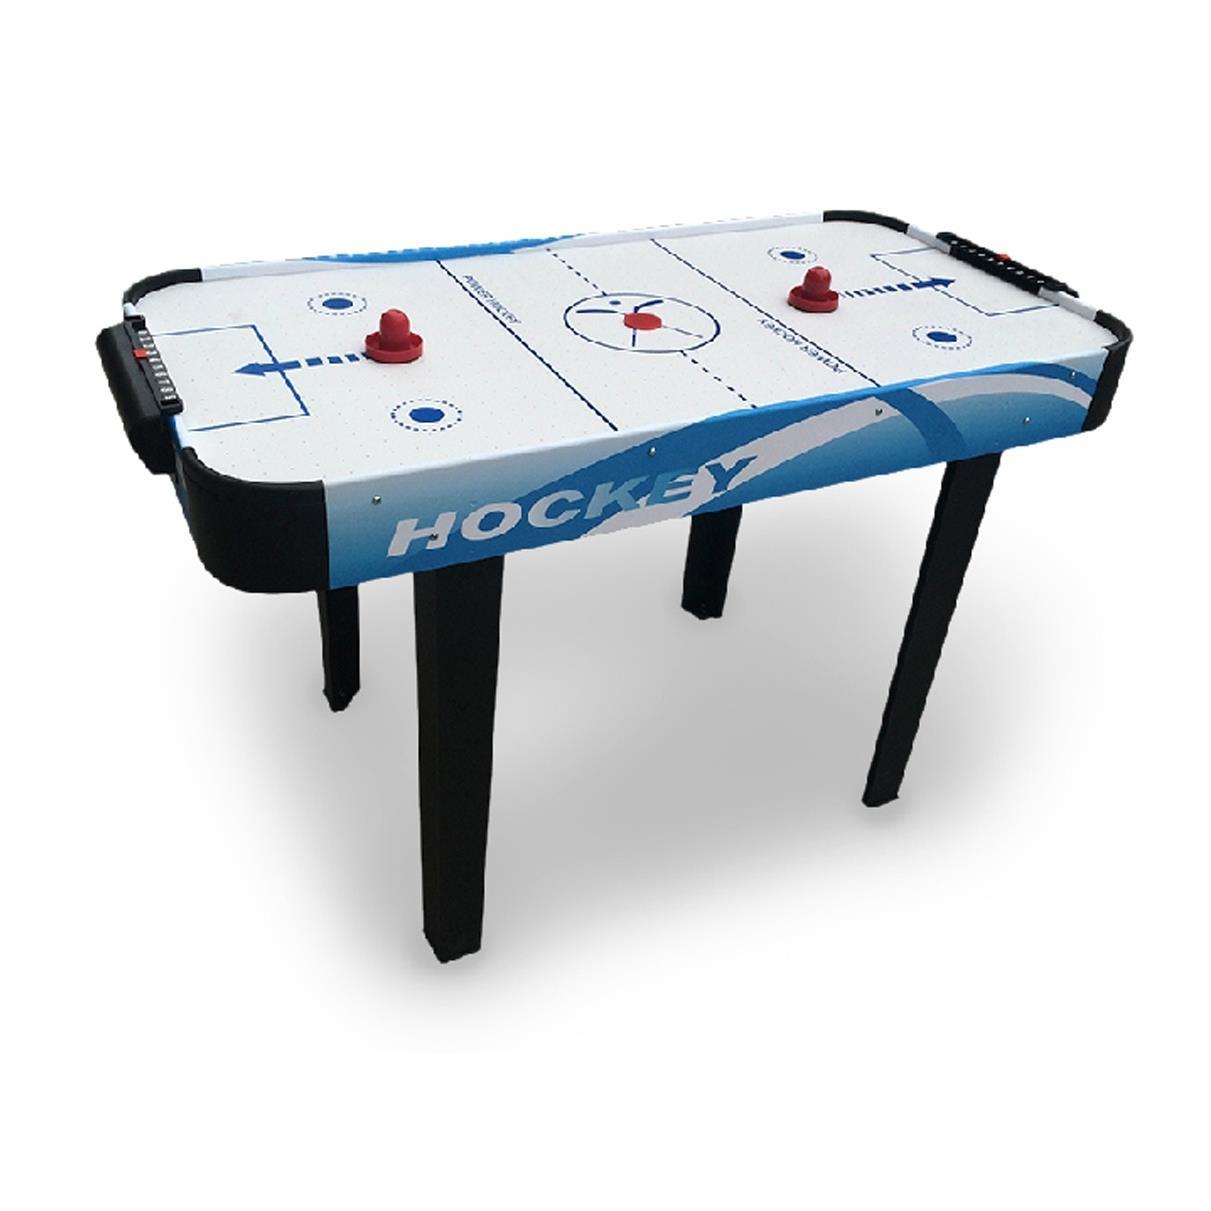 正品桌上冰球桌面冰球空气悬浮桌上冰球迷你型爱的礼物